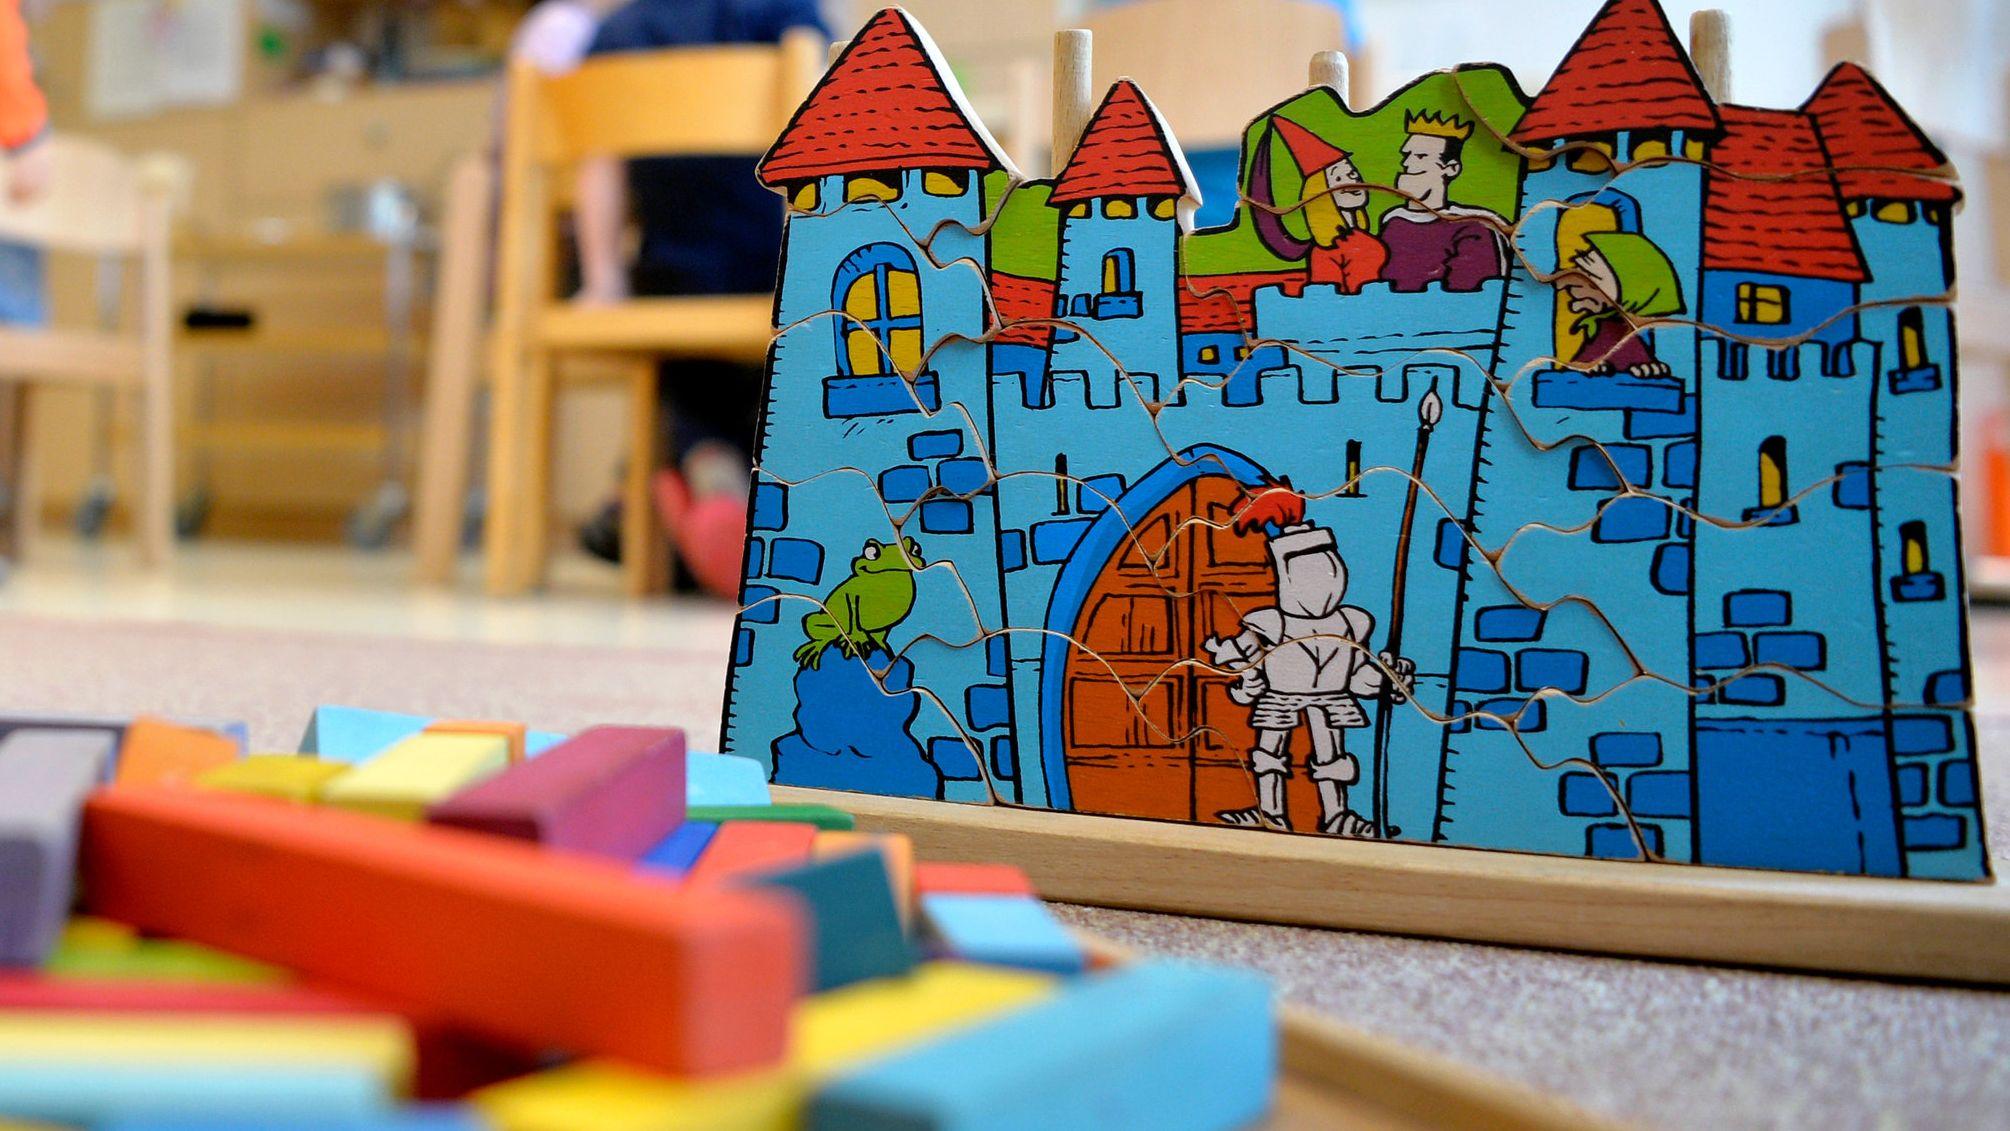 Spielsachen in einer Kita (Symbolbild)